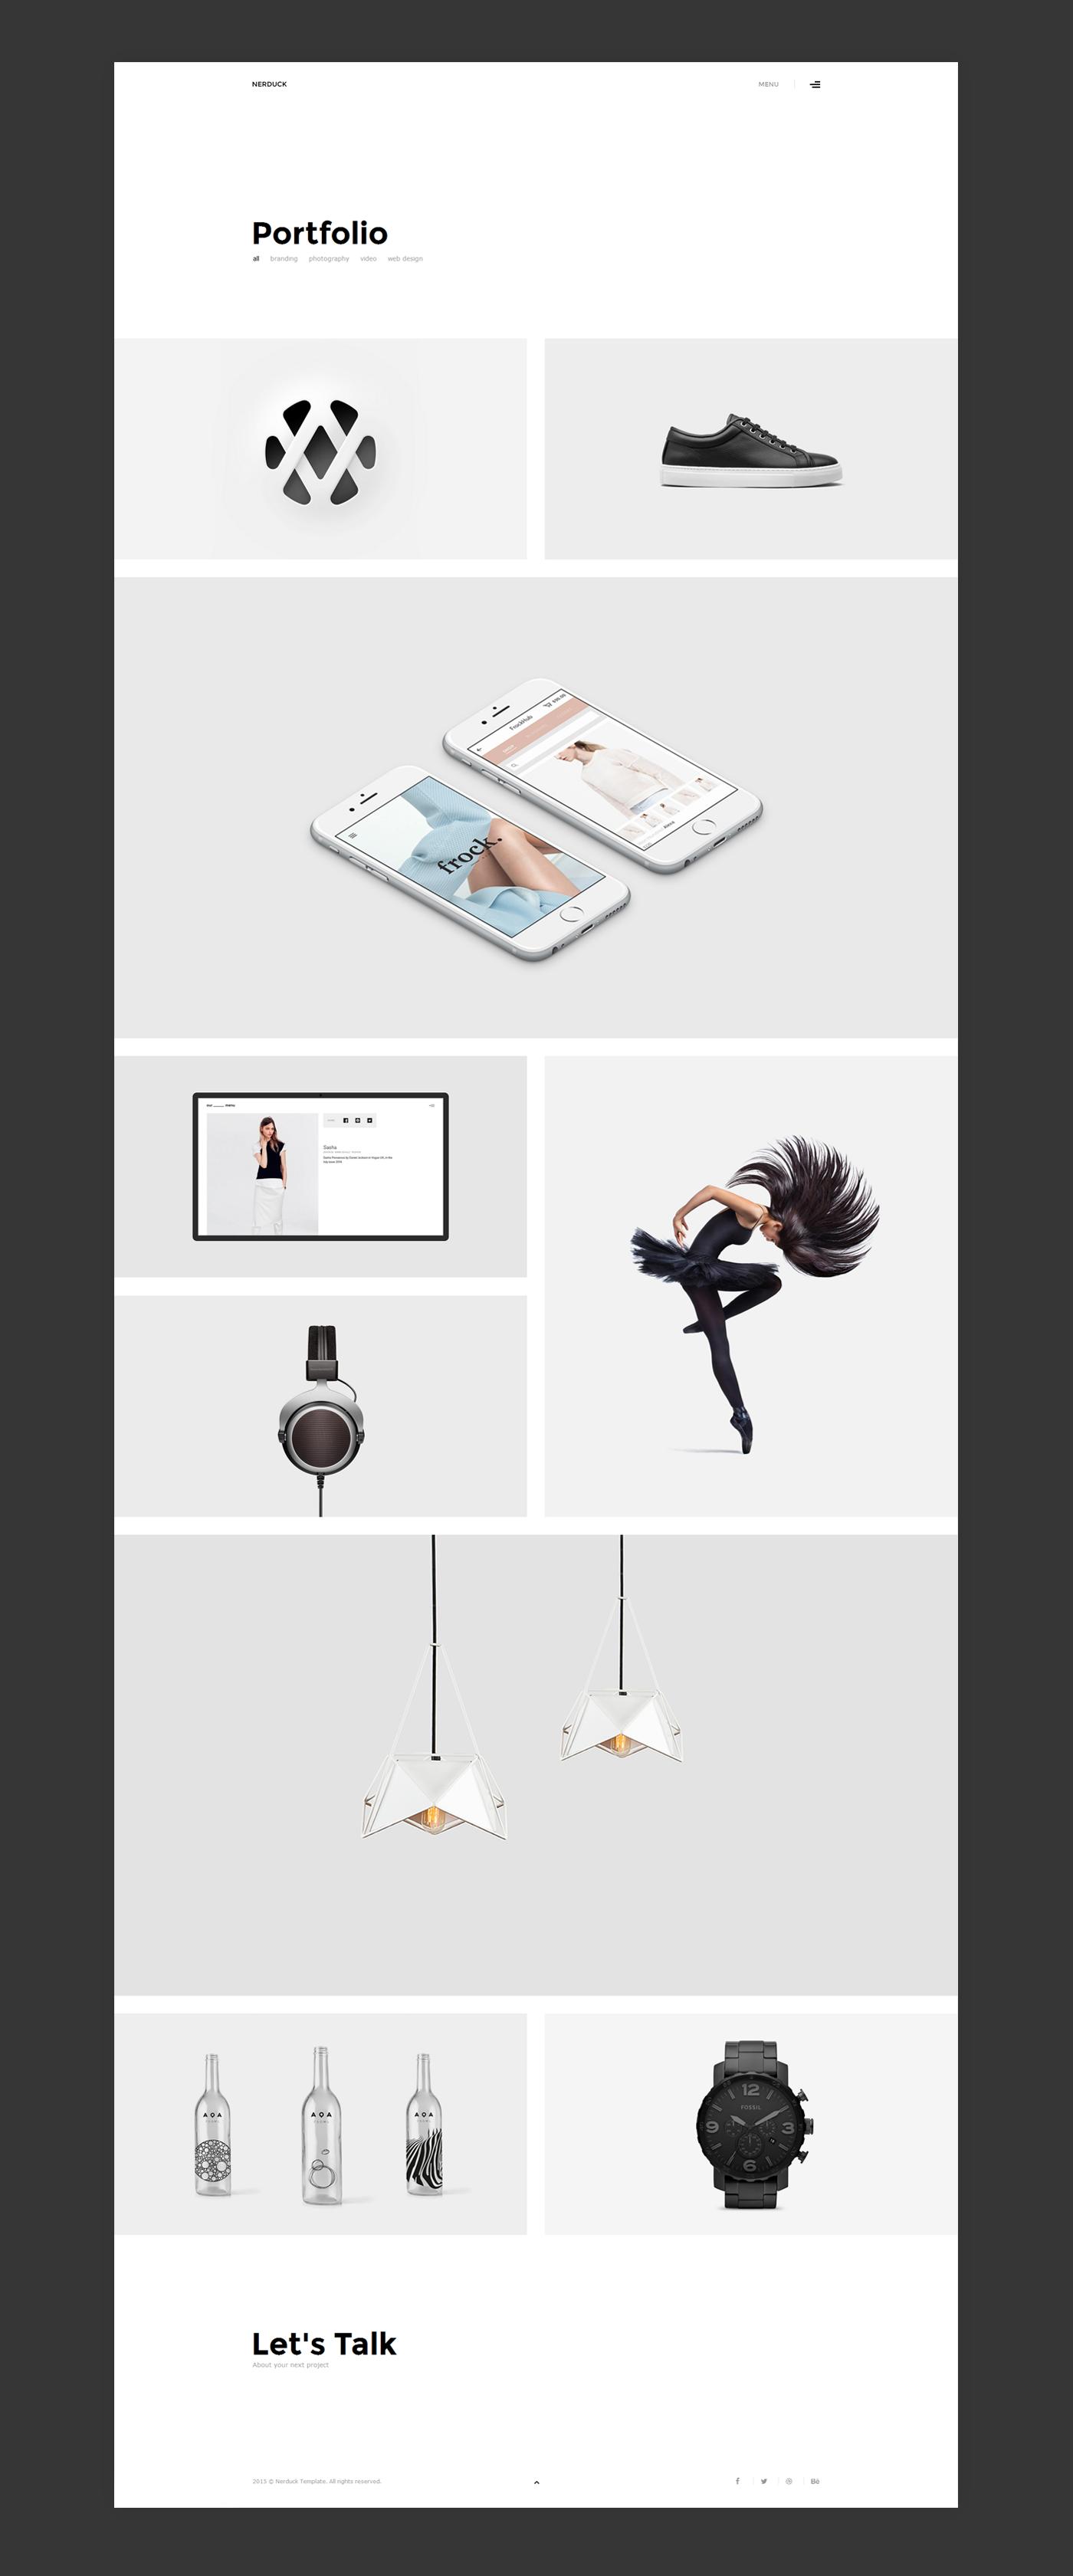 how to make a digital portfolio for graphic design